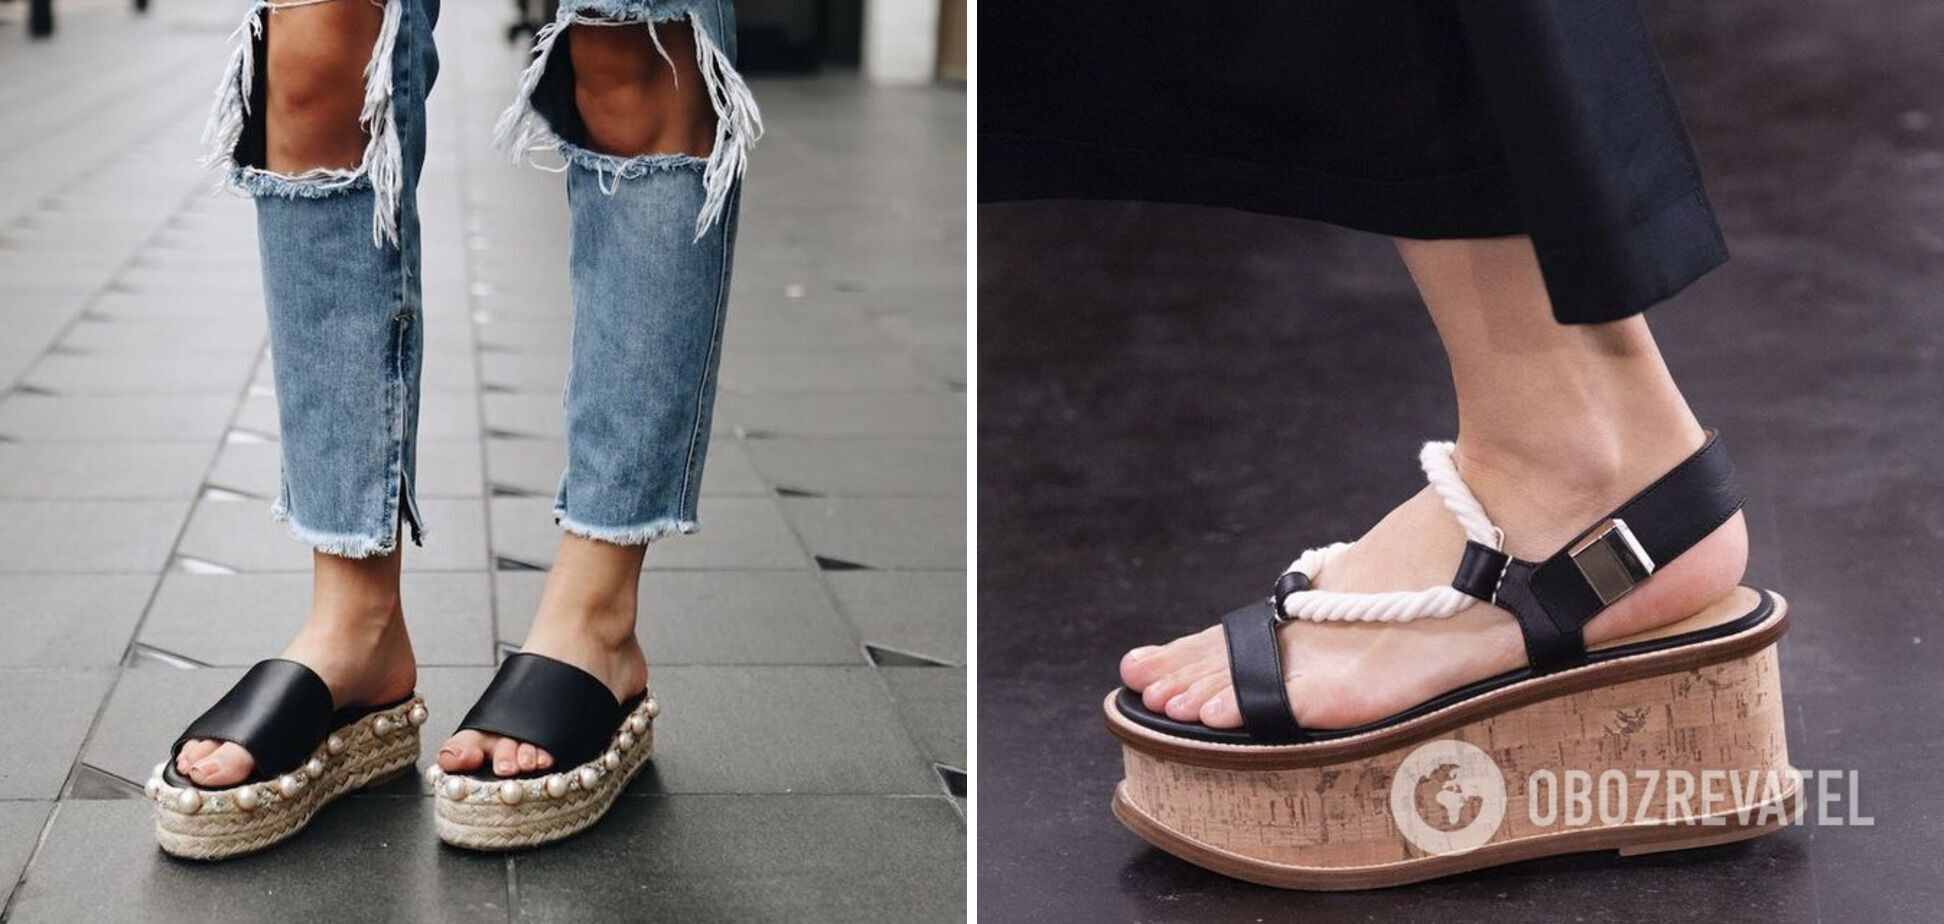 Обувь с грубой подошвой с декором стала трендом в 2021